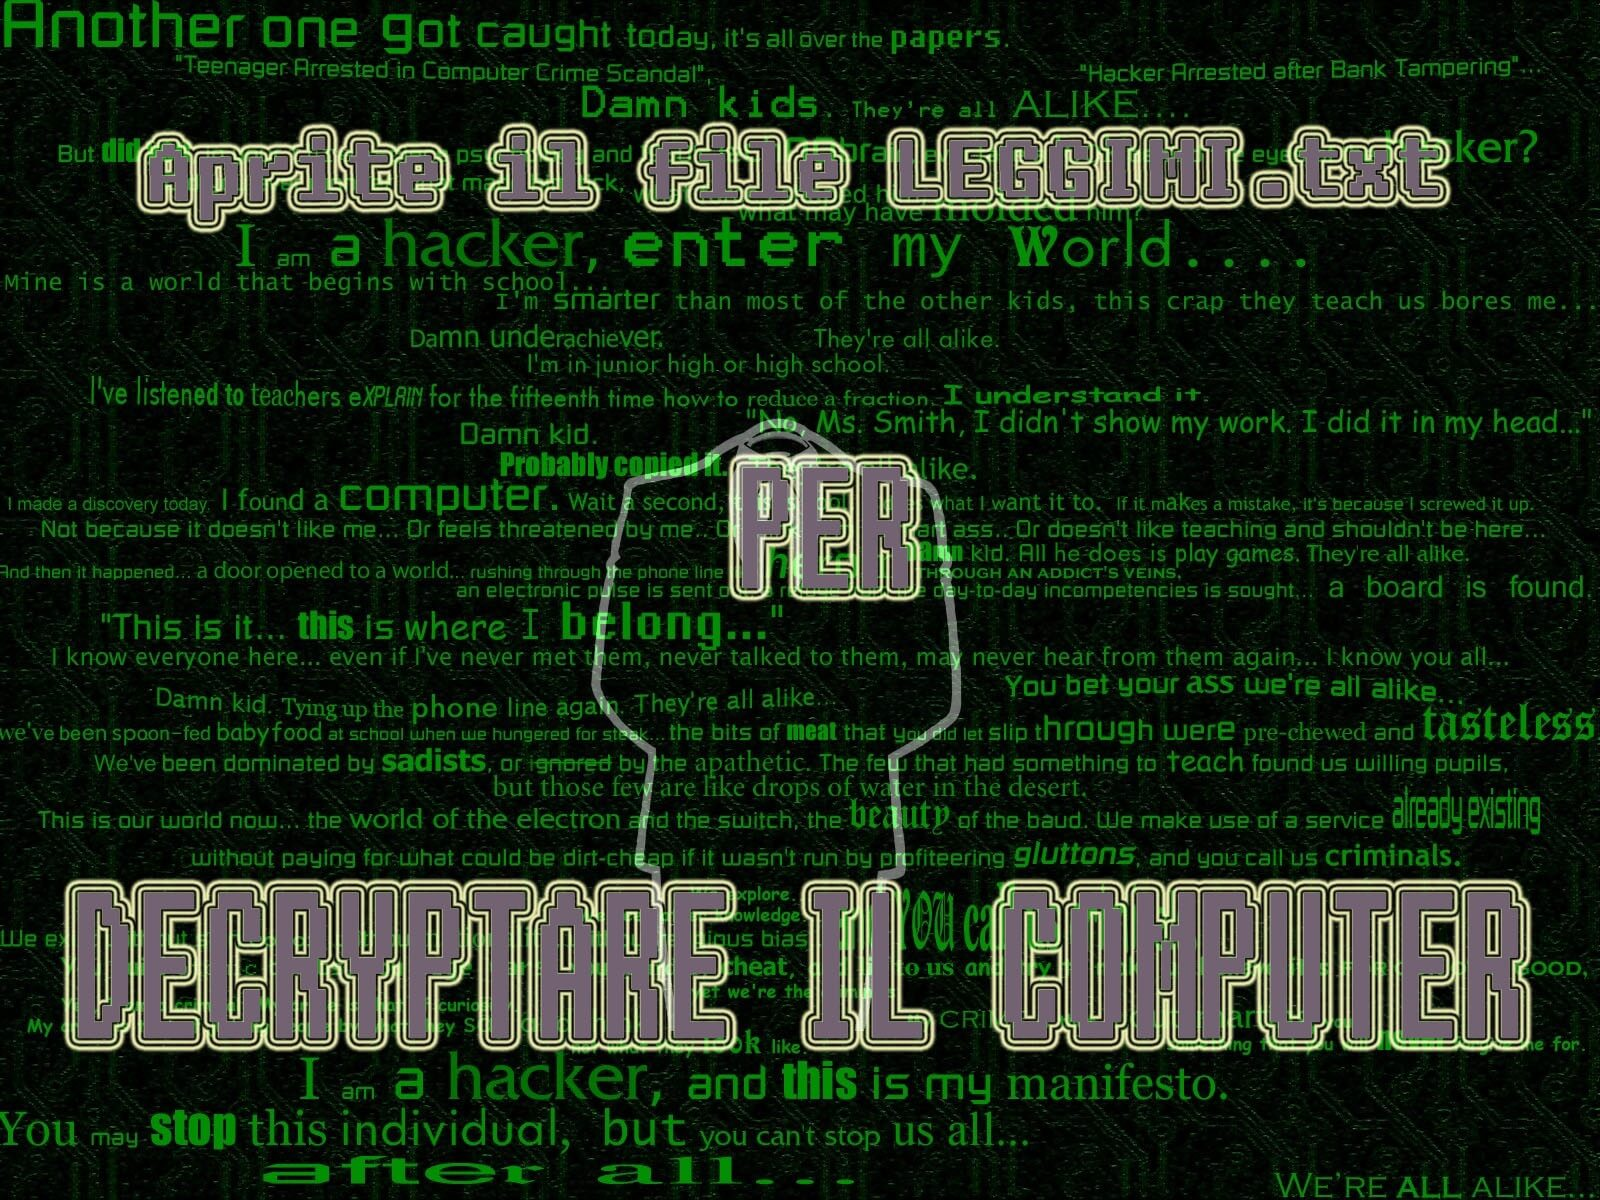 Tangkapan layar ransomware Crypt888 v4